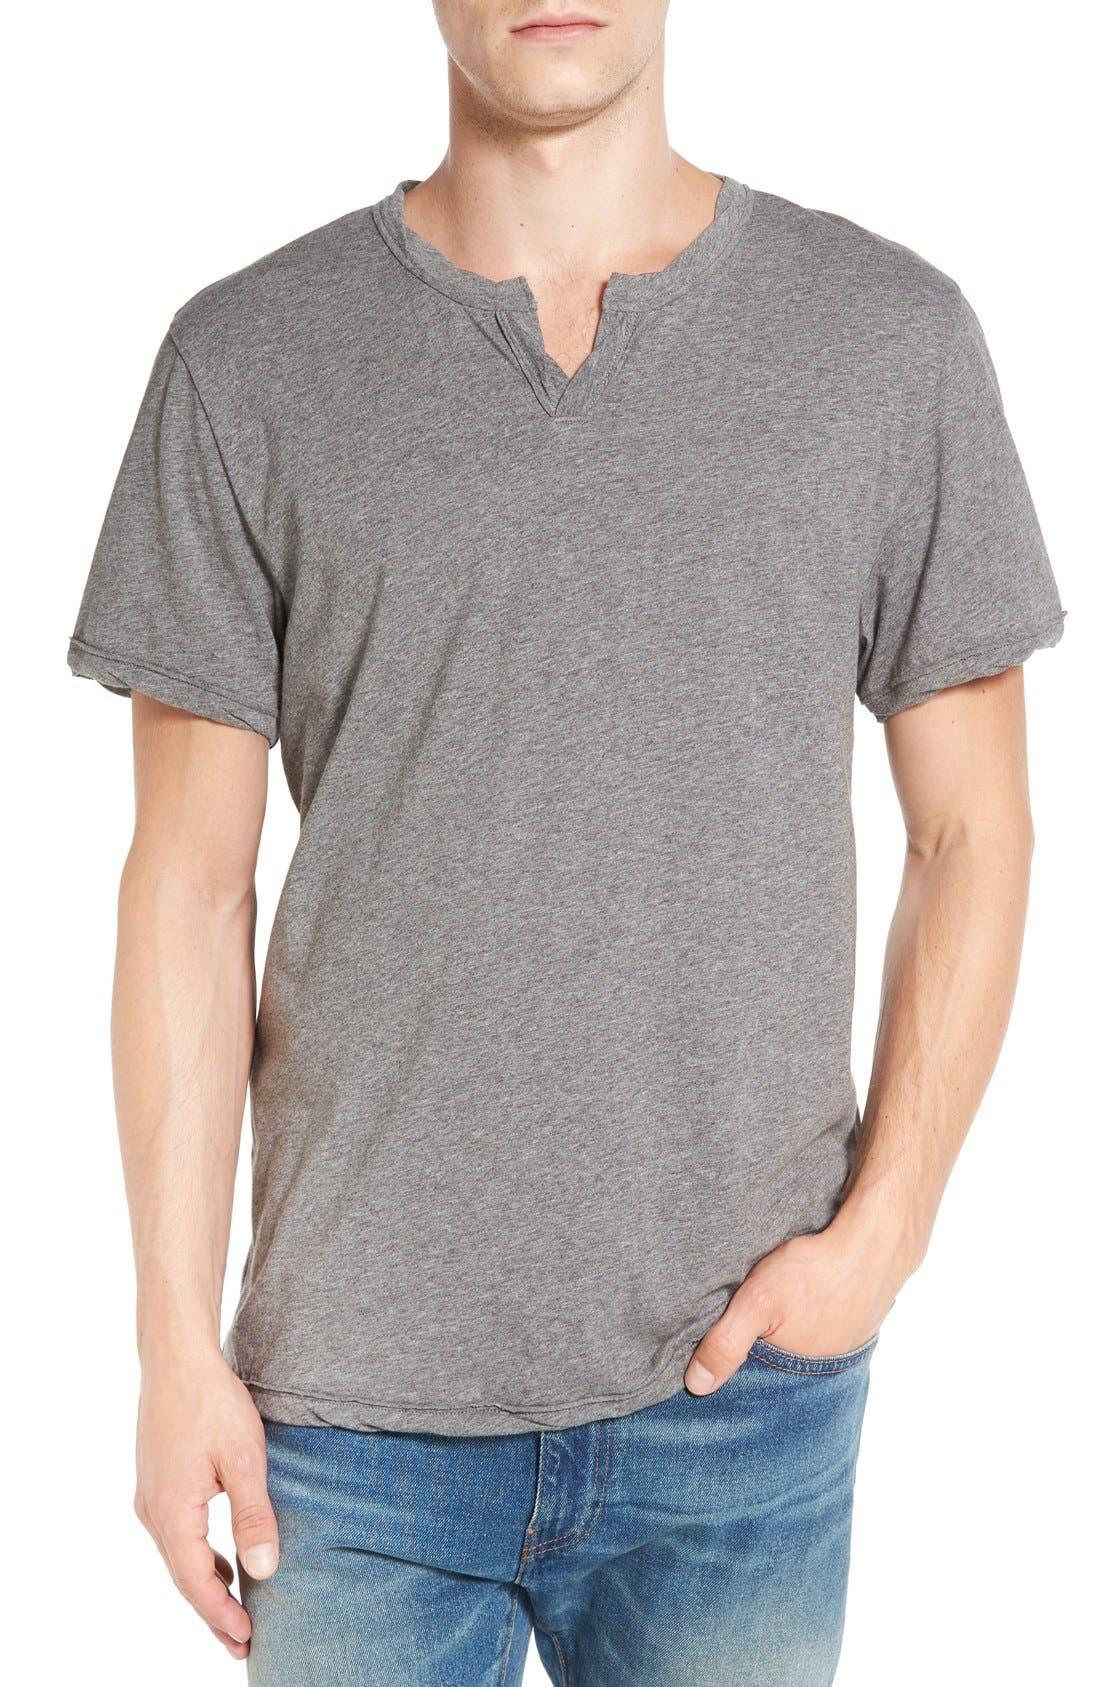 Alternative Notch Neck T-Shirt